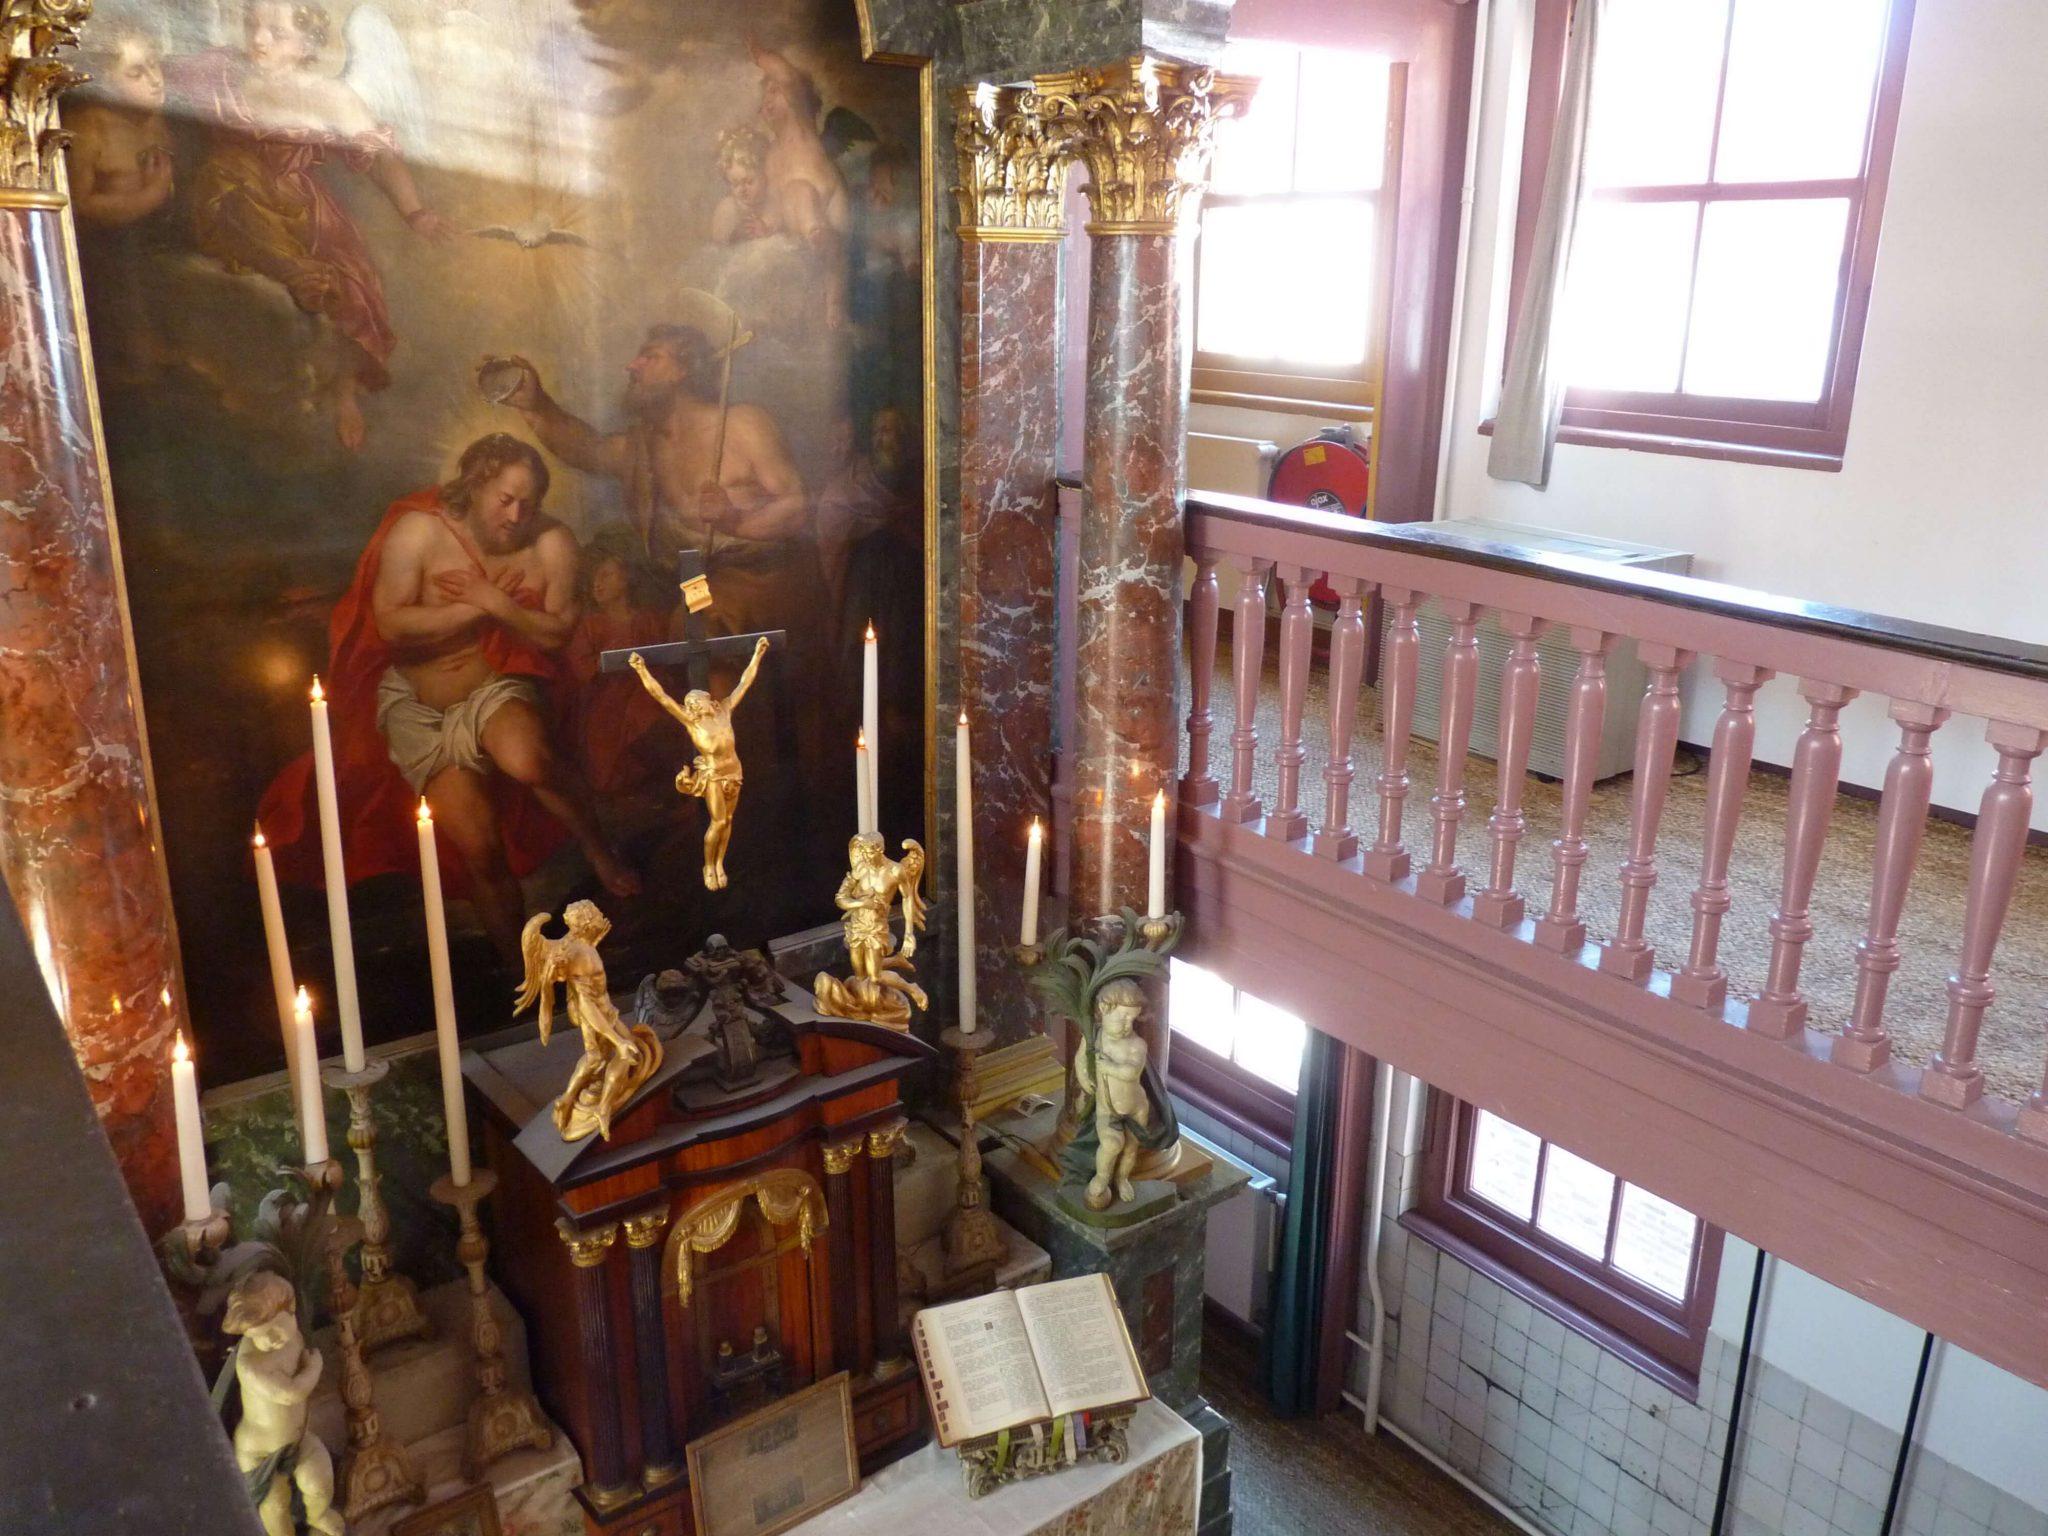 Igreja de Nosso Senhor do Sótão altar 02 Amesterdão Países Baixos Mundo Indefinido